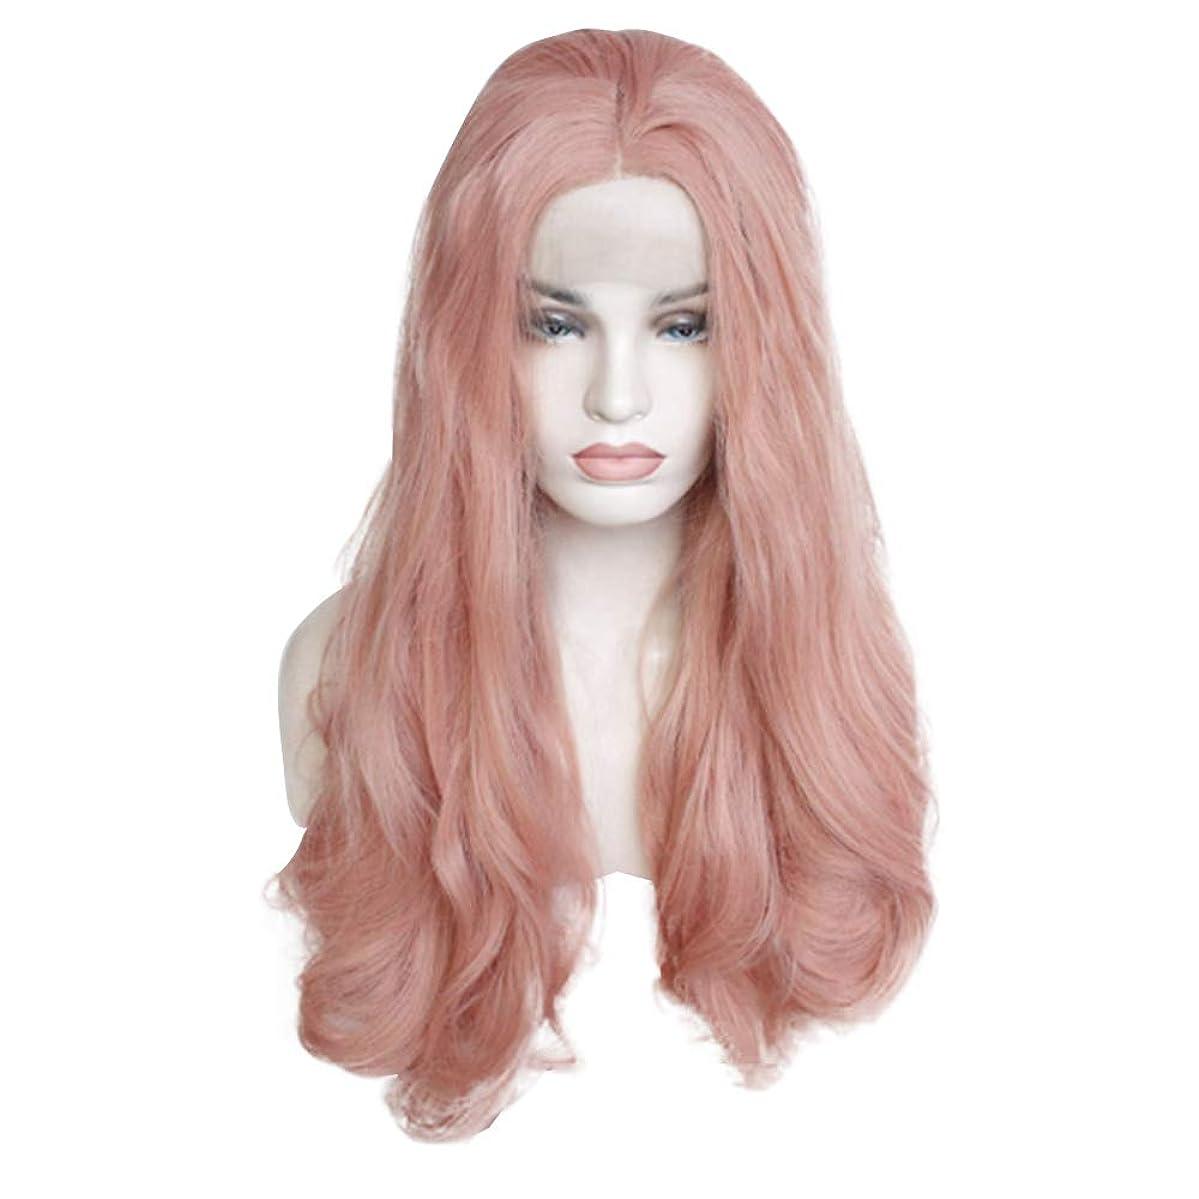 机ピラミッドレース女性のためのピンクのかつら、女性のためのファッションロングカーリーウィッグスモールウェーブウィッグとして自然な日常のコスプレ衣装のかつらかつら